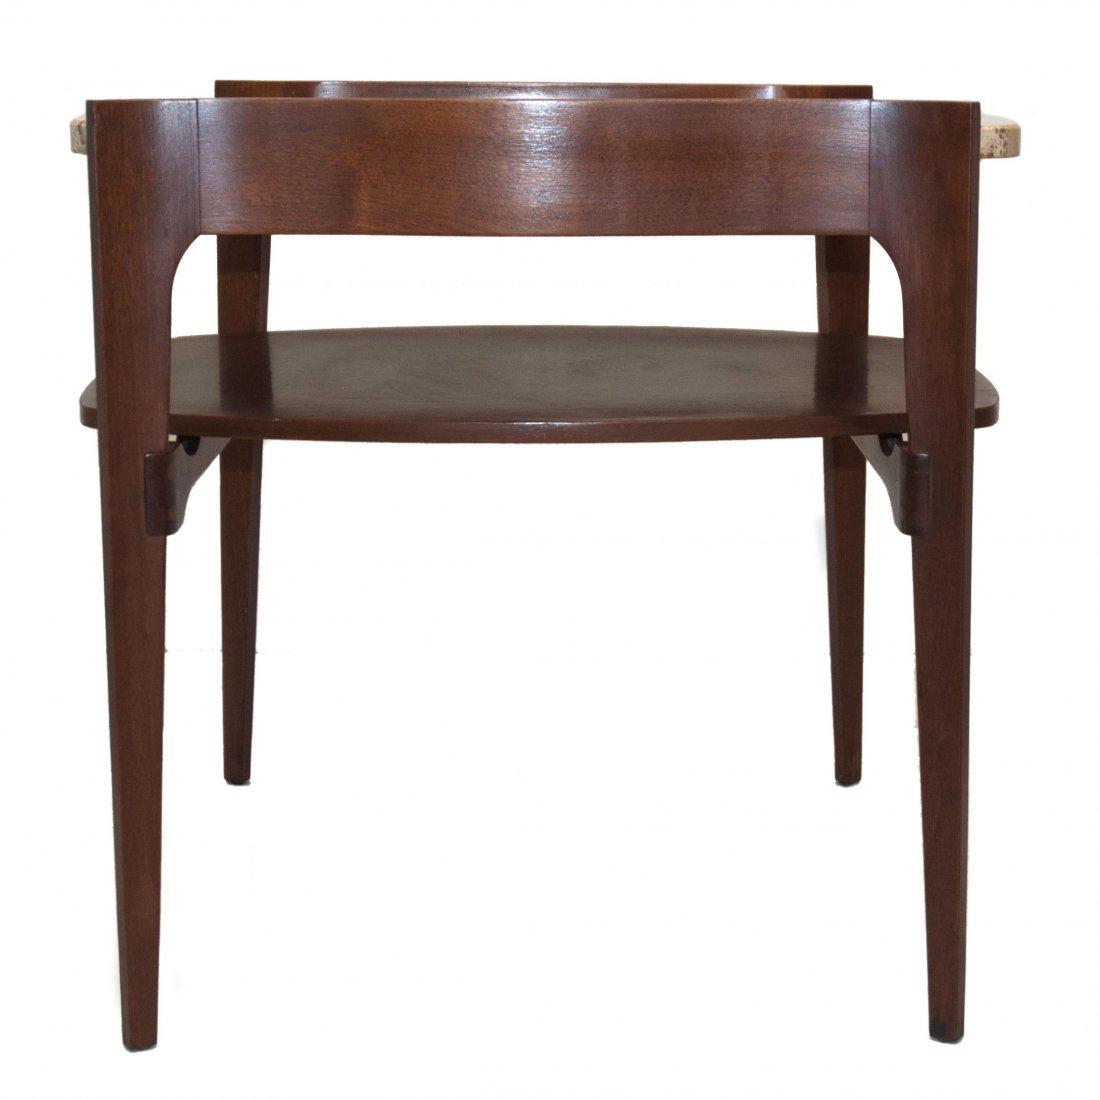 MCM Italian Bertha Schaefer Modern Side Table 1950 - 3